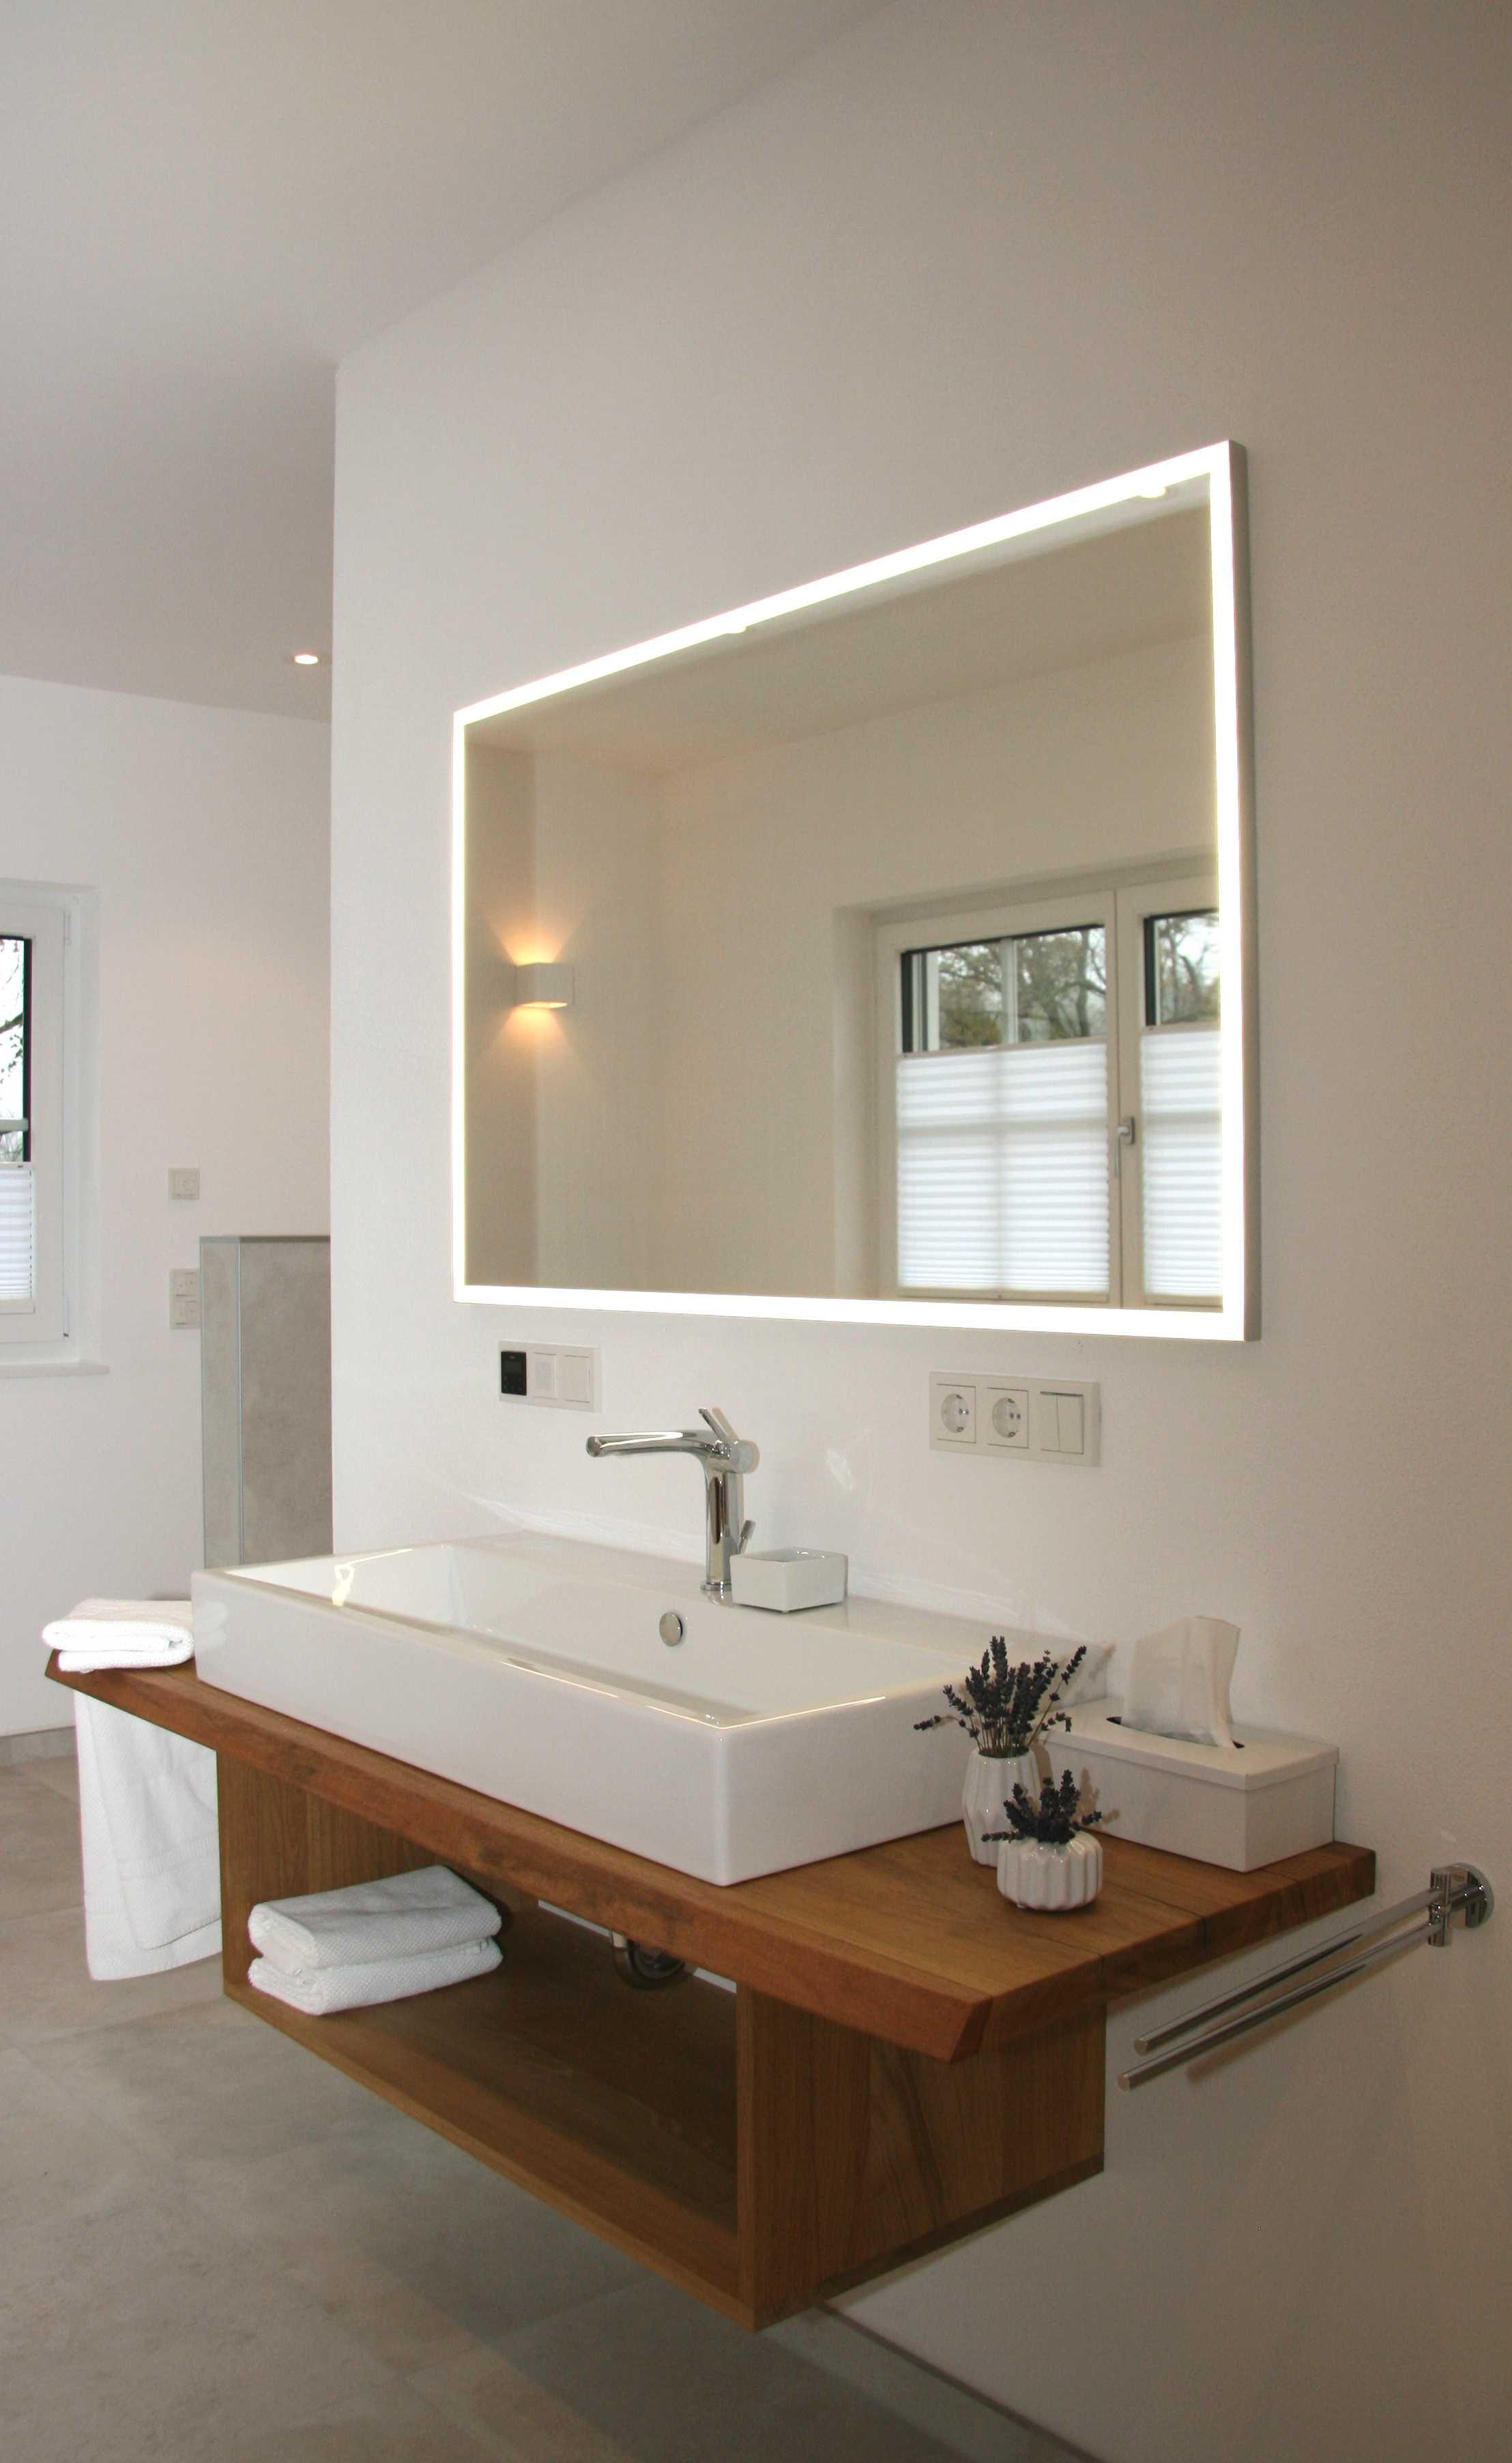 offener Waschtisch aus Eiche mit beleuchtetem Spiegel (mit